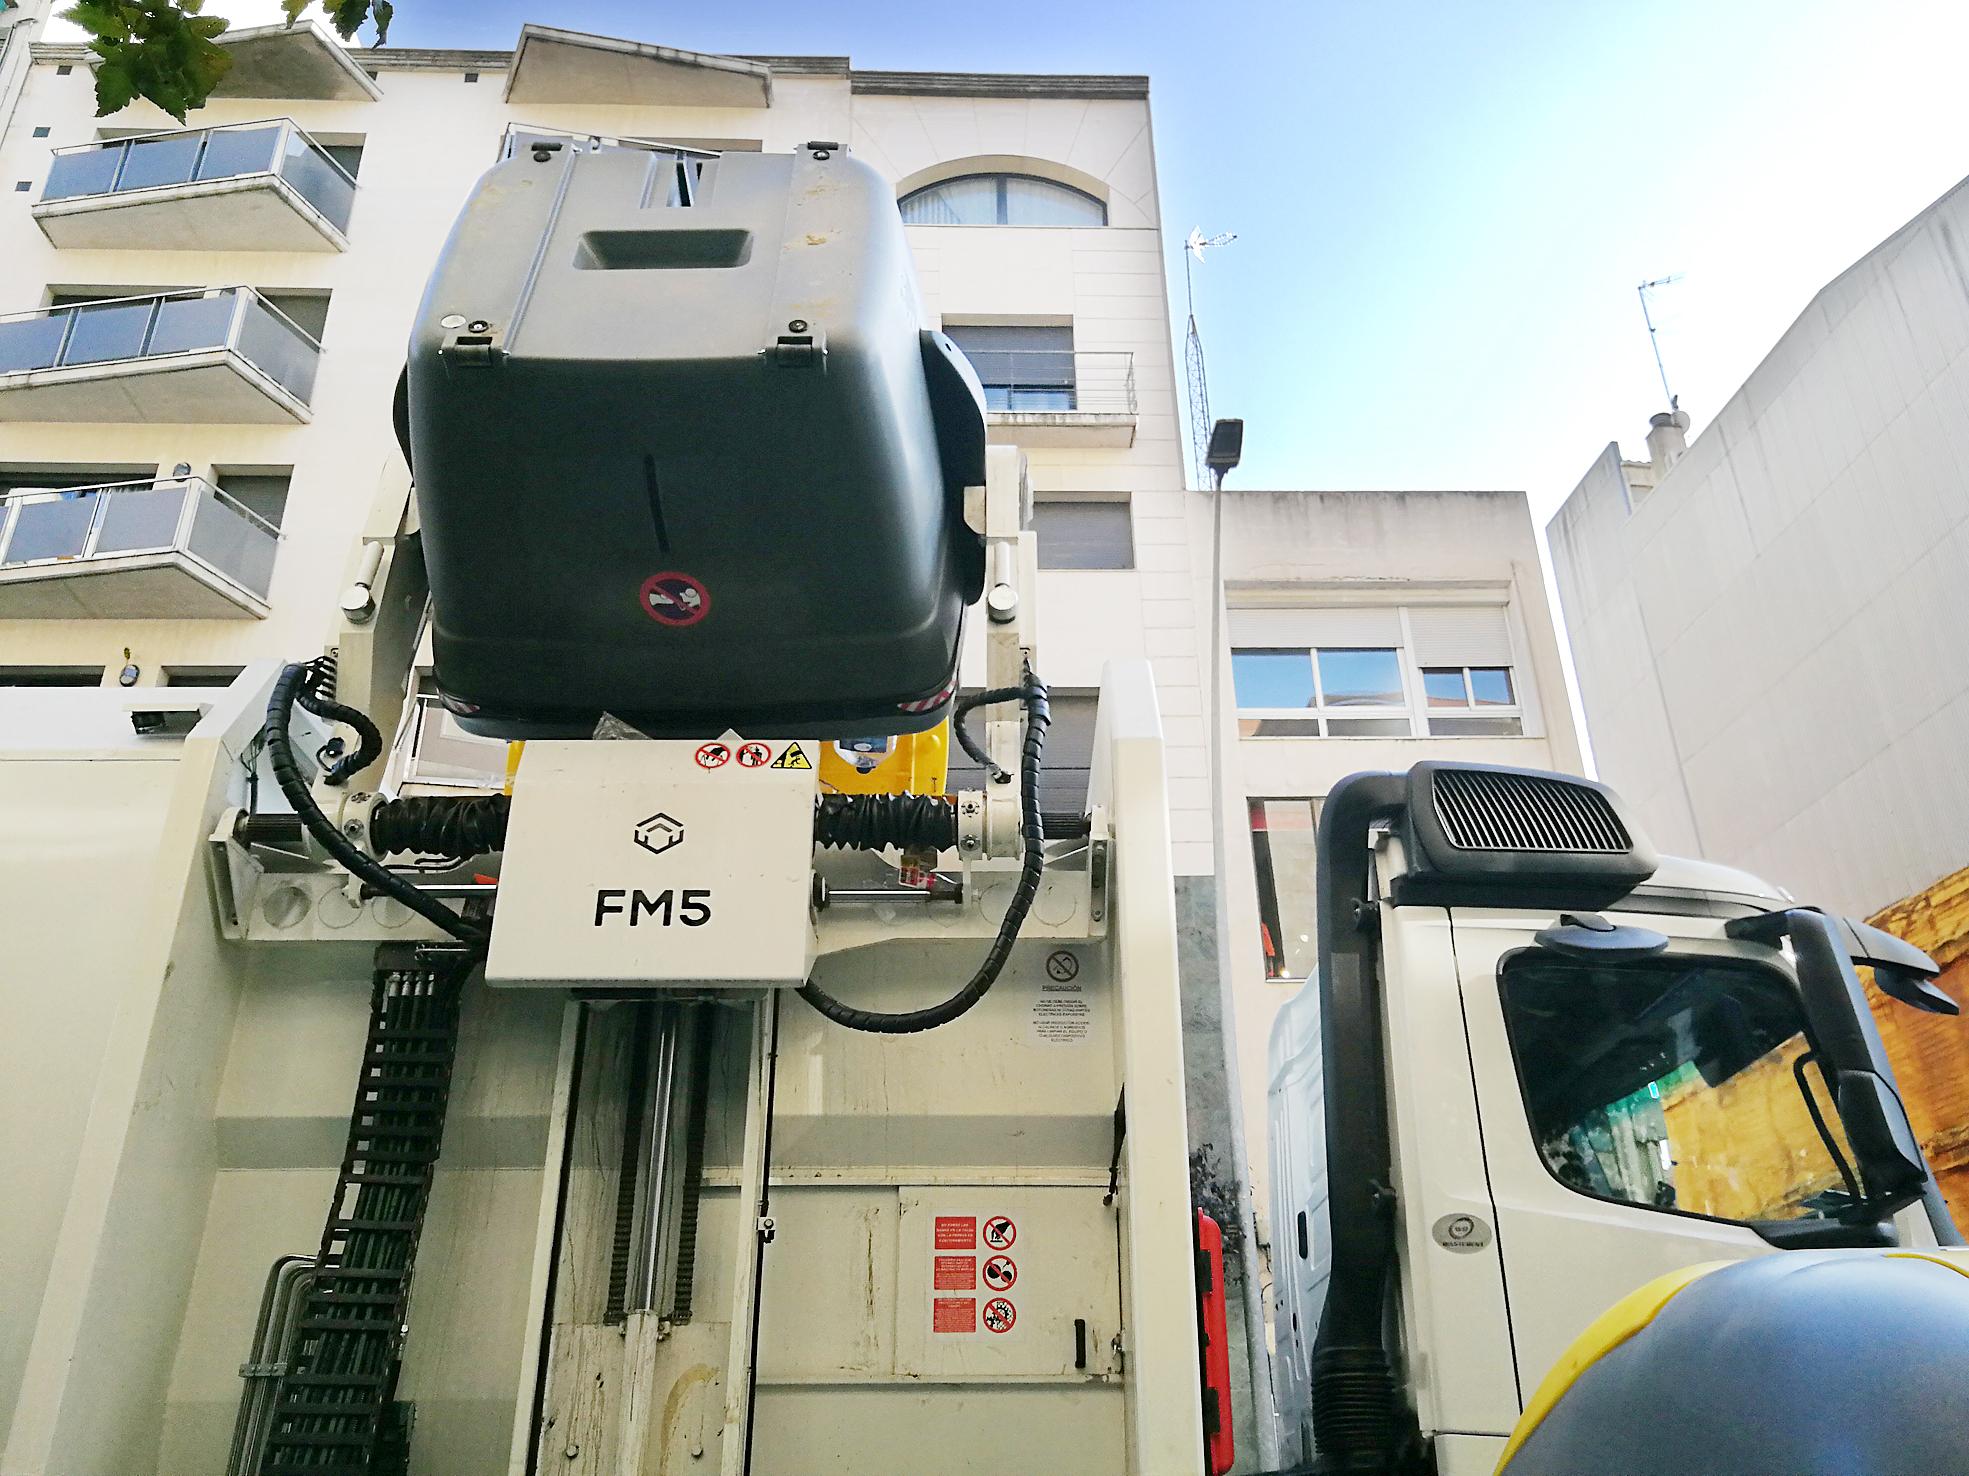 Un camió recollint un contenidor de càrrega lateral dels nous que s'han instal·lat a Granollers |Griselda Escrigas